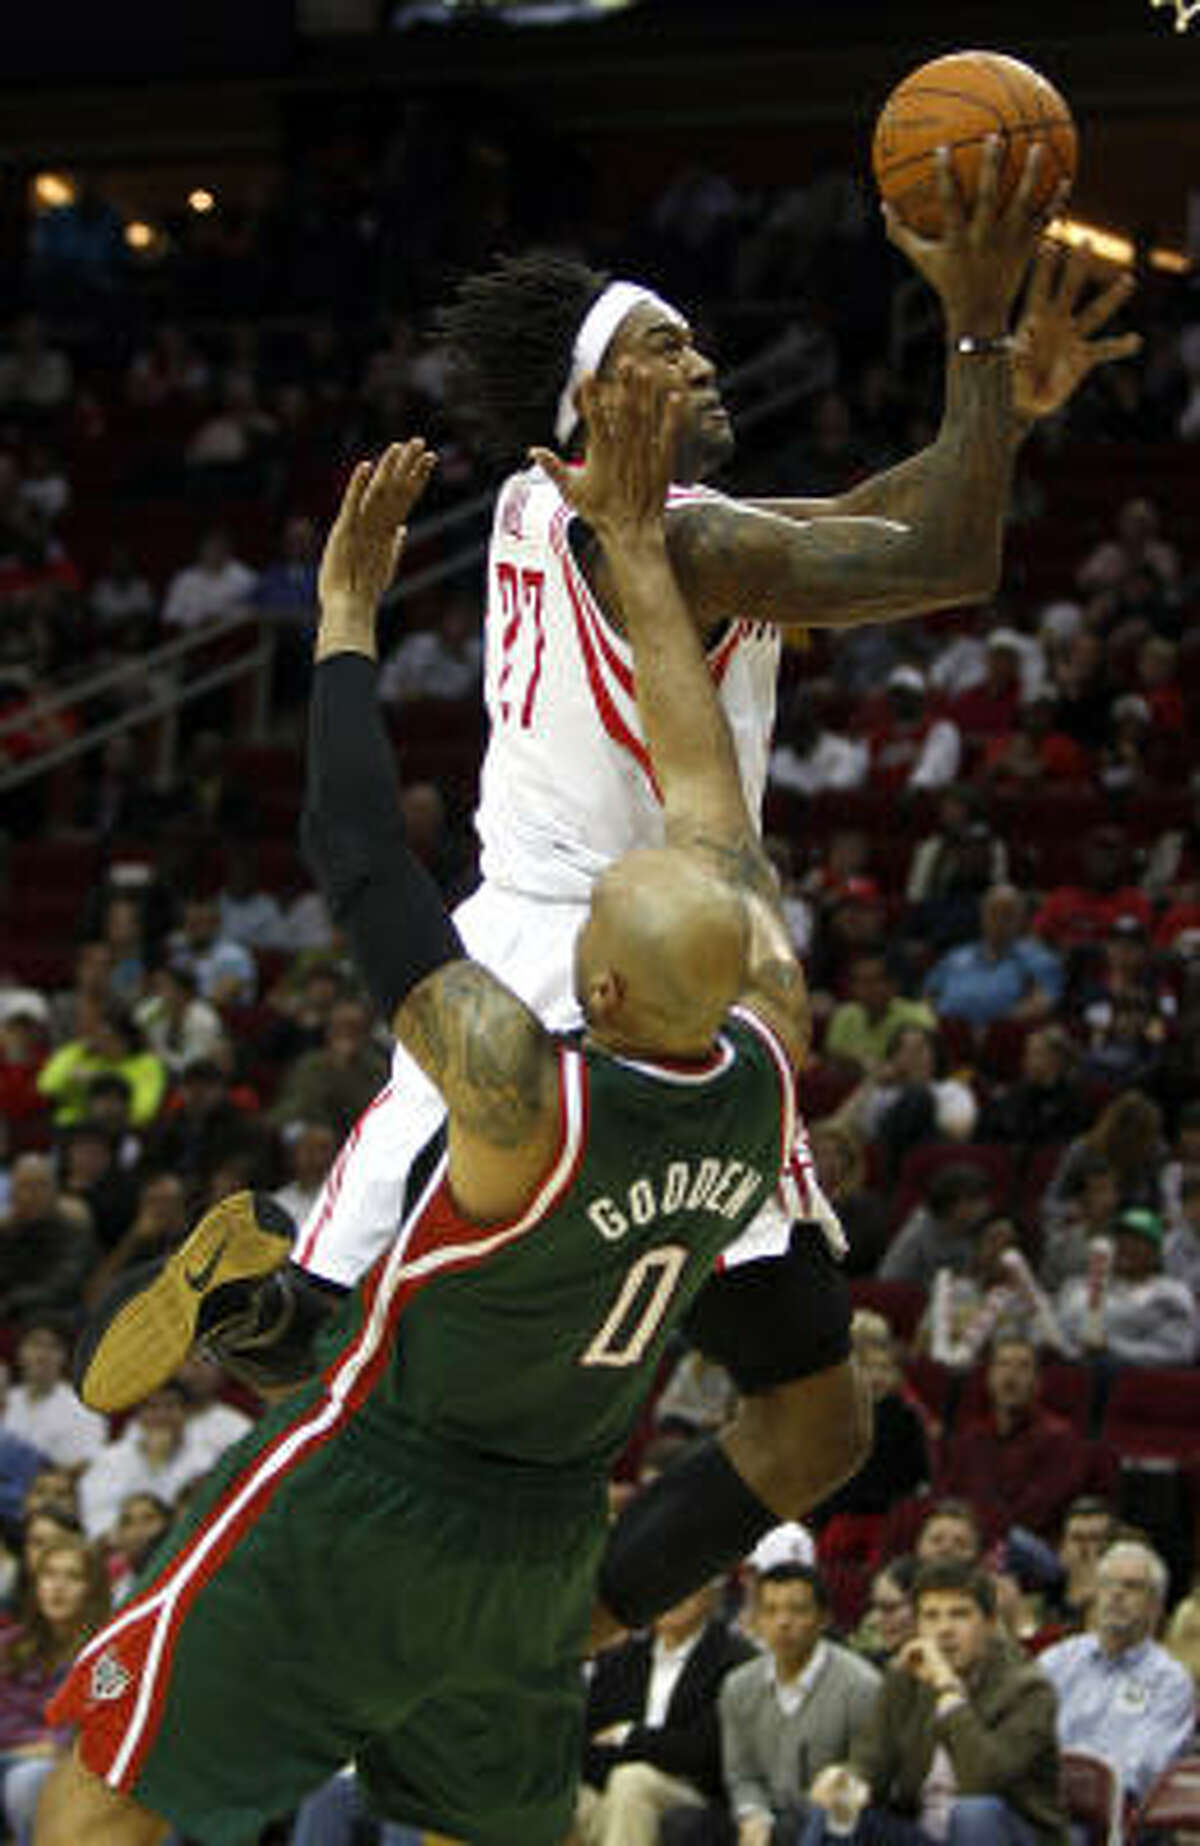 Rockets center Jordan Hill charges into Bucks center Drew Gooden.